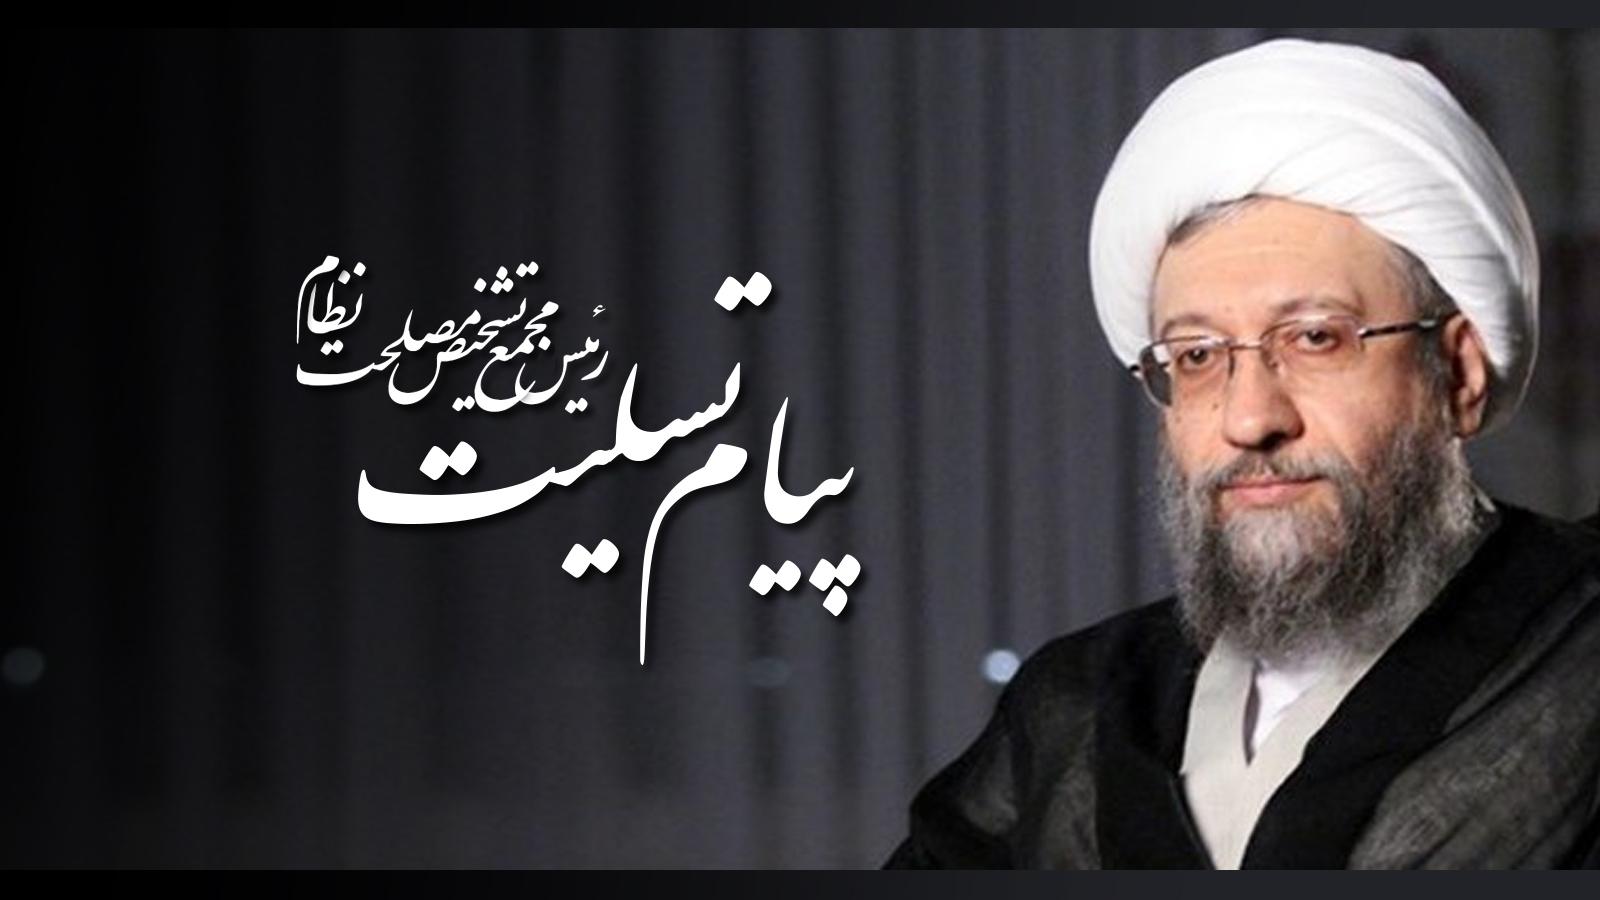 پیام تسلیت آیتالله آملی لاریجانی در پی درگذشت رئیس سابق بنیاد شهید